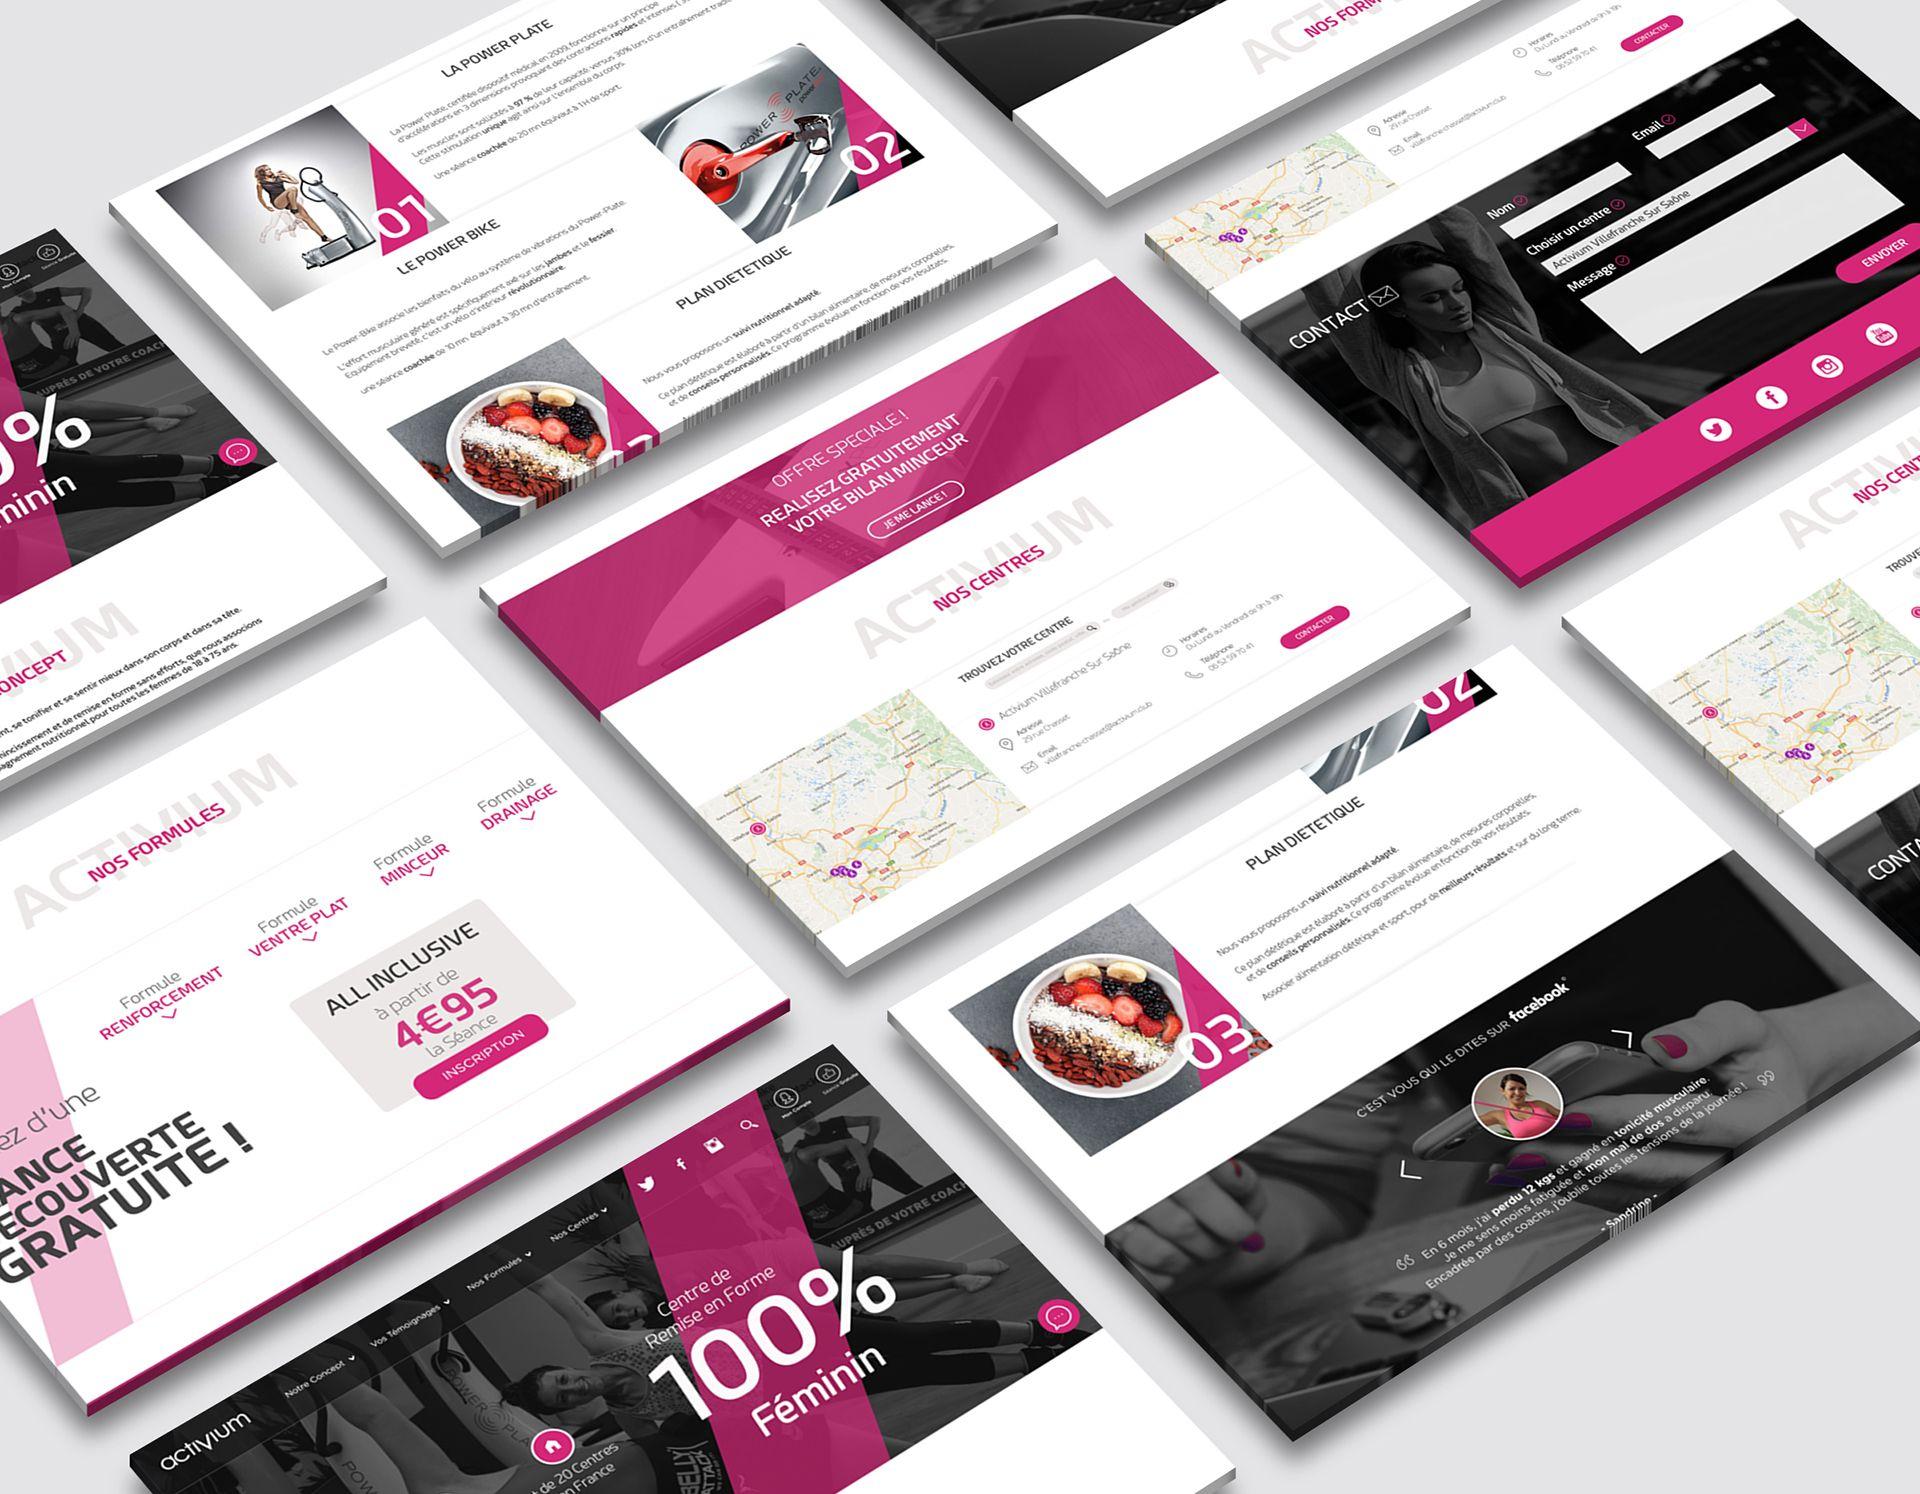 Webdesign du site Activium crée par Mickguti.com